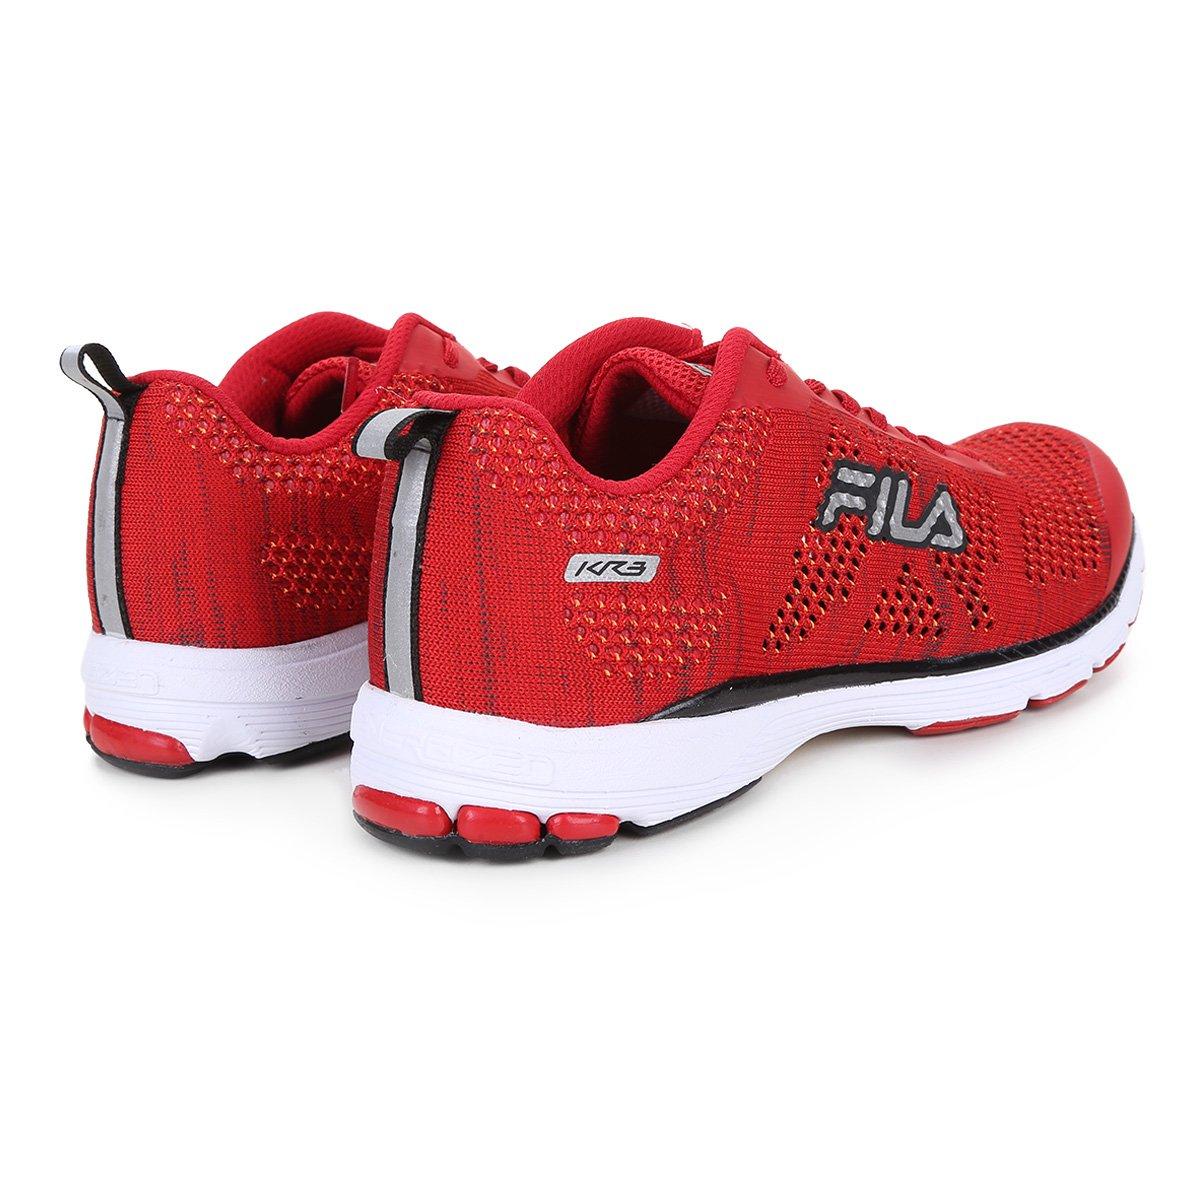 28d258220be Tênis Fila Kr3 Knit Feminino - Tam  36 - Shopping TudoAzul